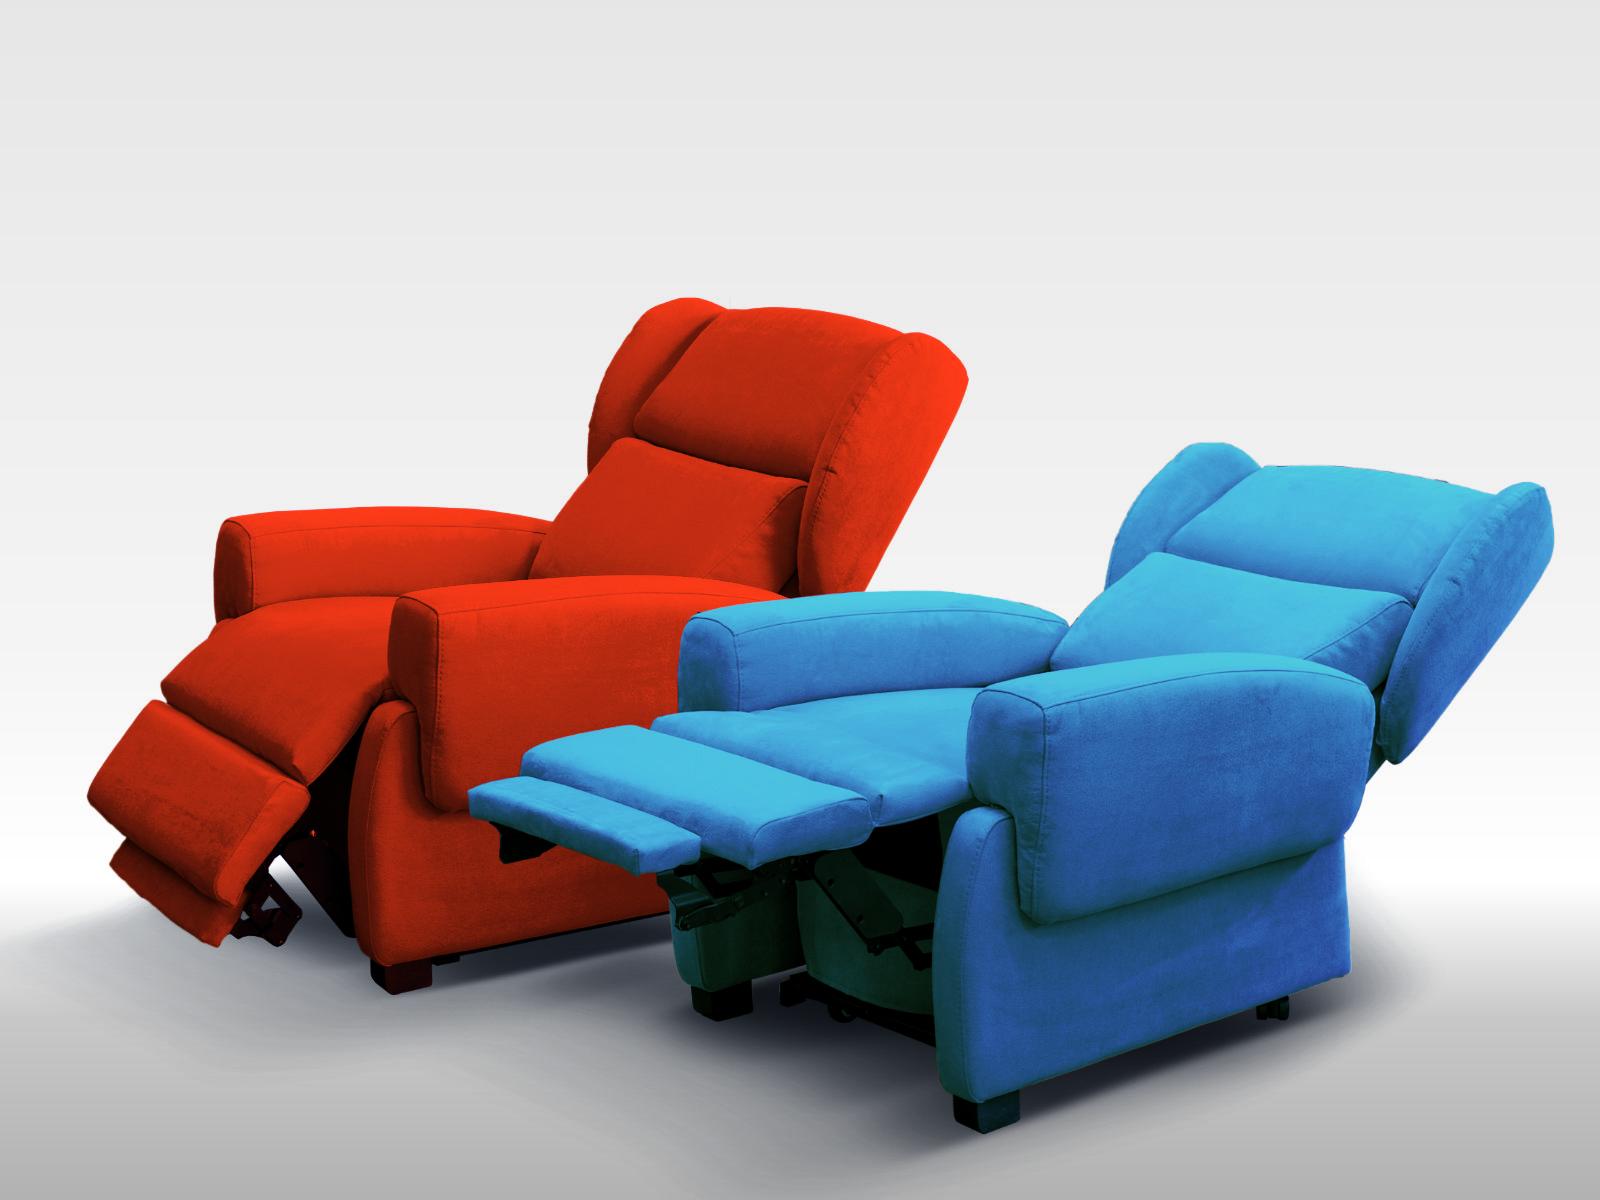 Poltrone per anziani comode in posizioni relax e letto poltrone relax e scooter elettrici per - Poltrona letto comoda ...